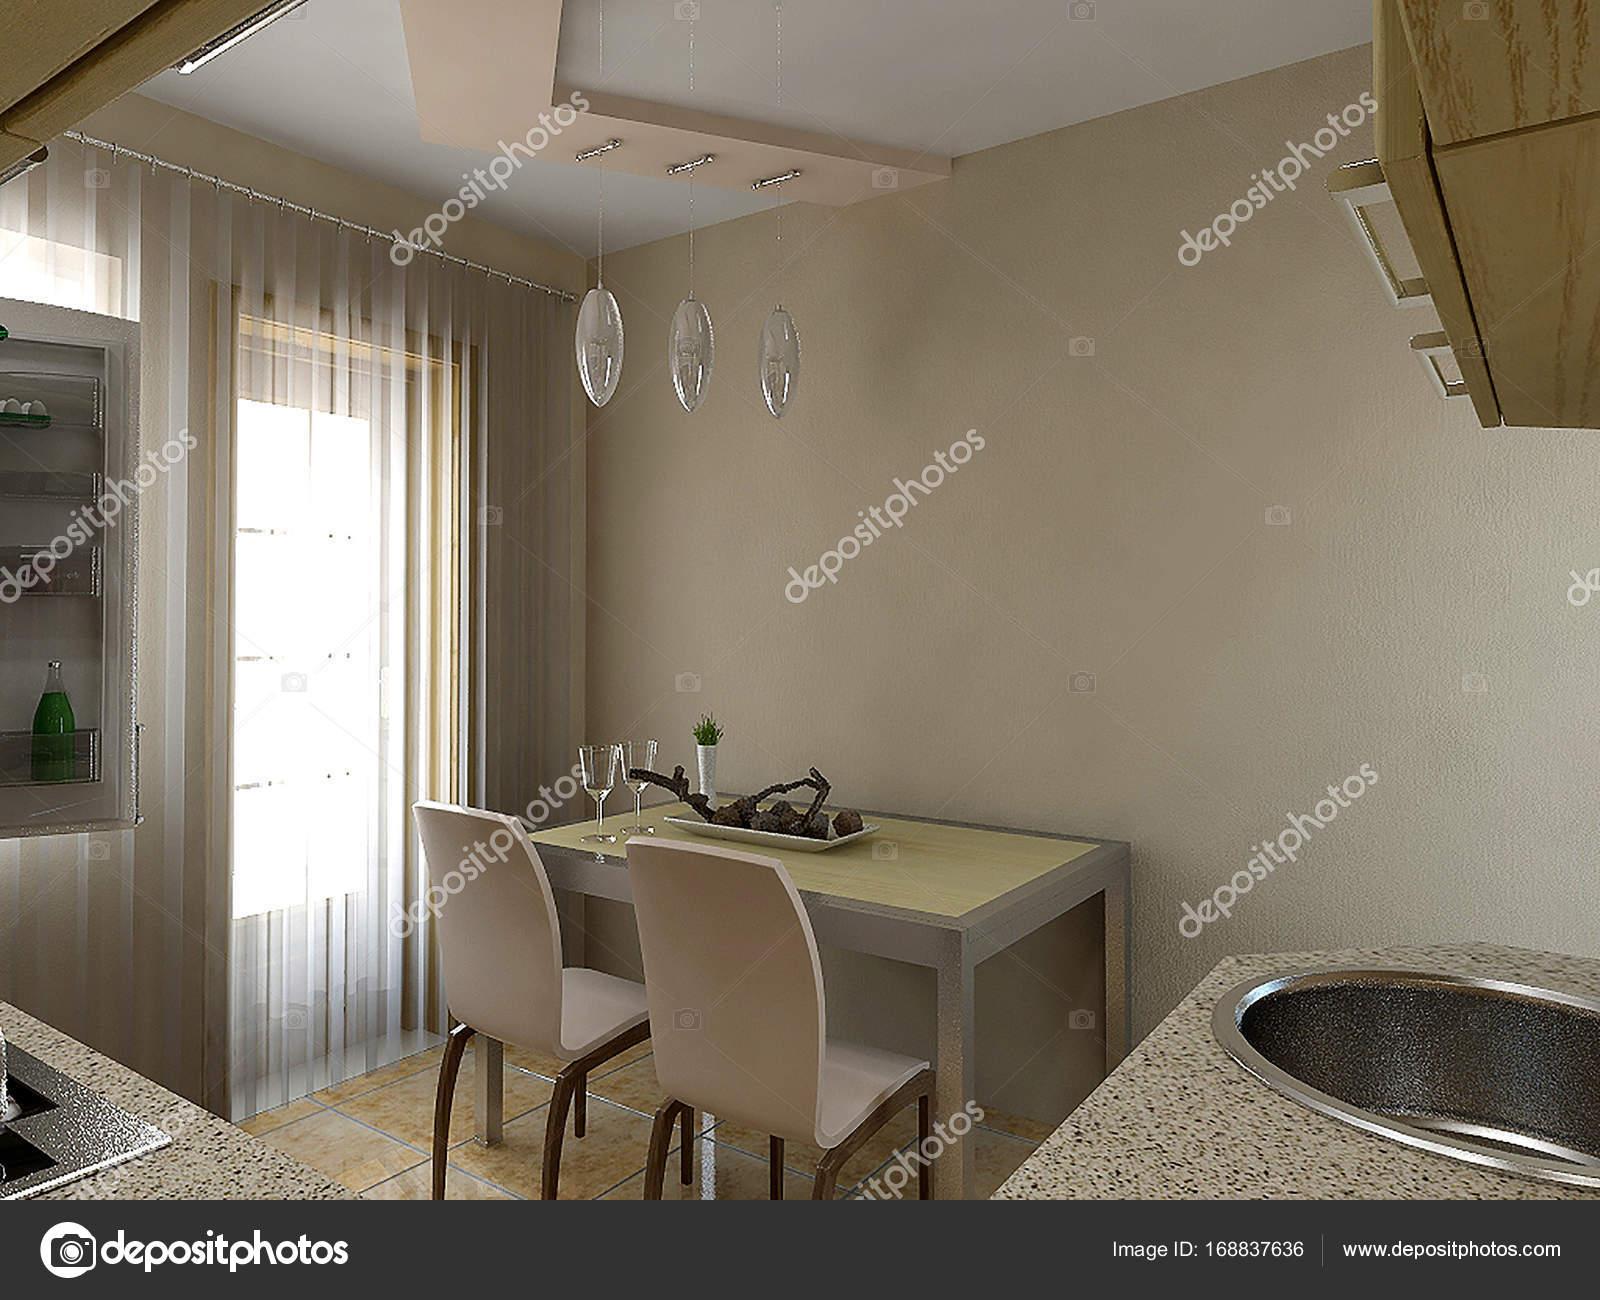 Ideeen Interieur Keuken : Keuken interieur ideeën d render u stockfoto threedicube